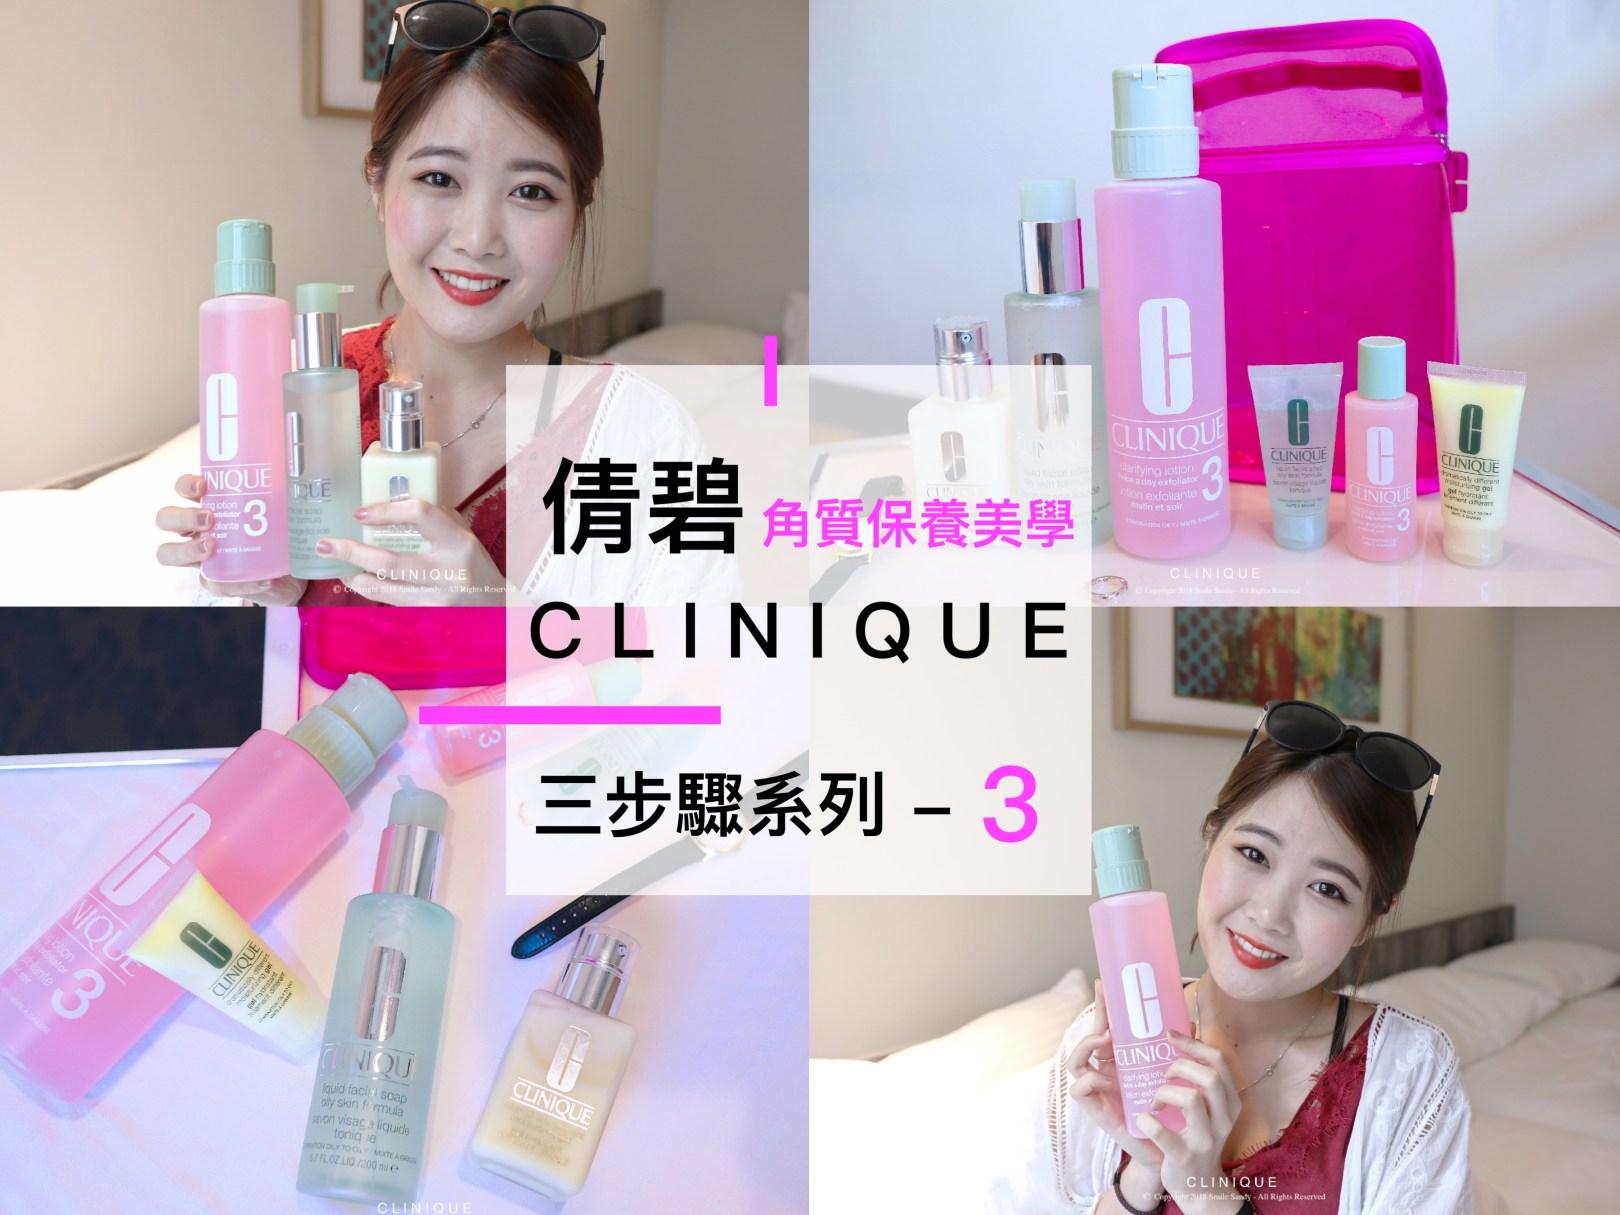 倩碧Clinique-50年經典組合(清爽組)-潔膚水壓頭